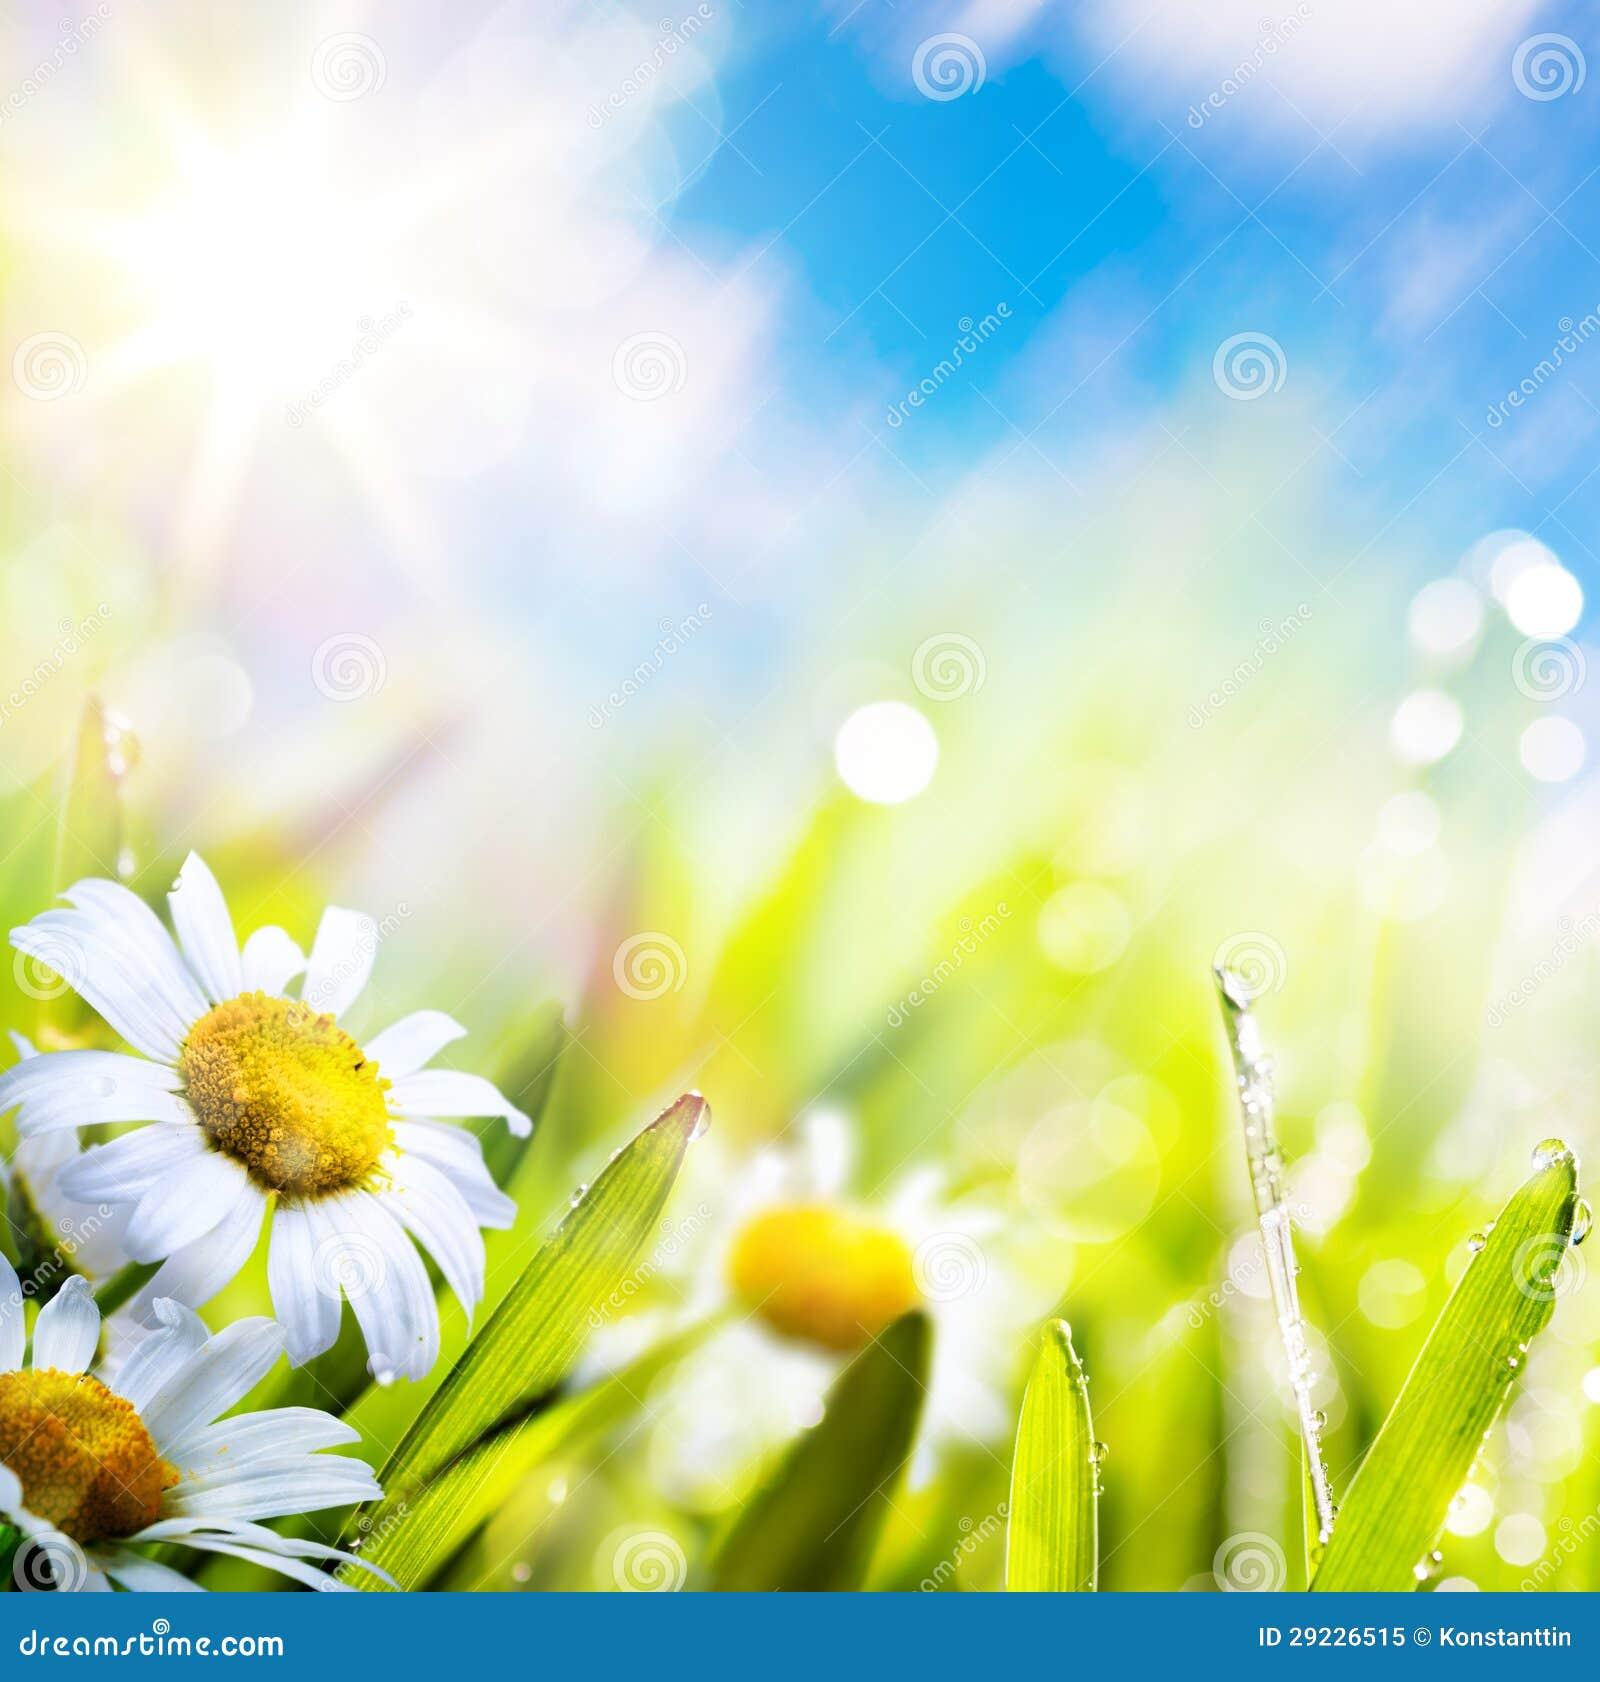 Abstrakte Blume springr Hintergrund der Kunst im Gras auf Sonnehimmel